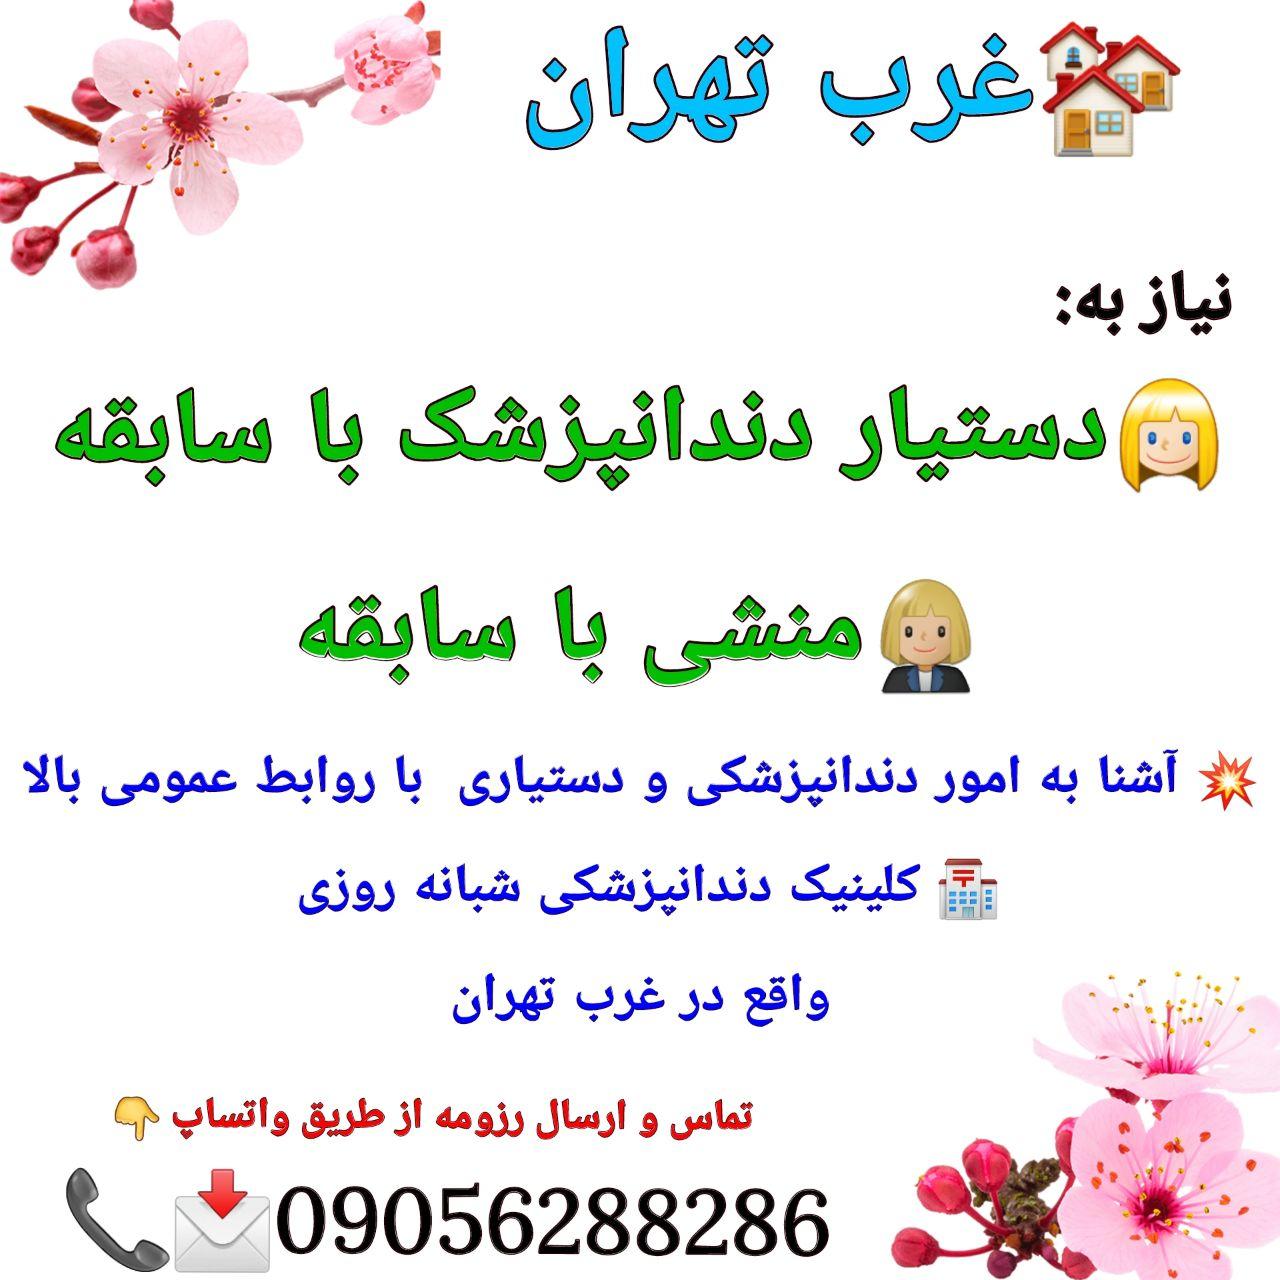 غرب تهران: نیاز به دستیار دندانپزشک با سابقه، و منشی با سابقه